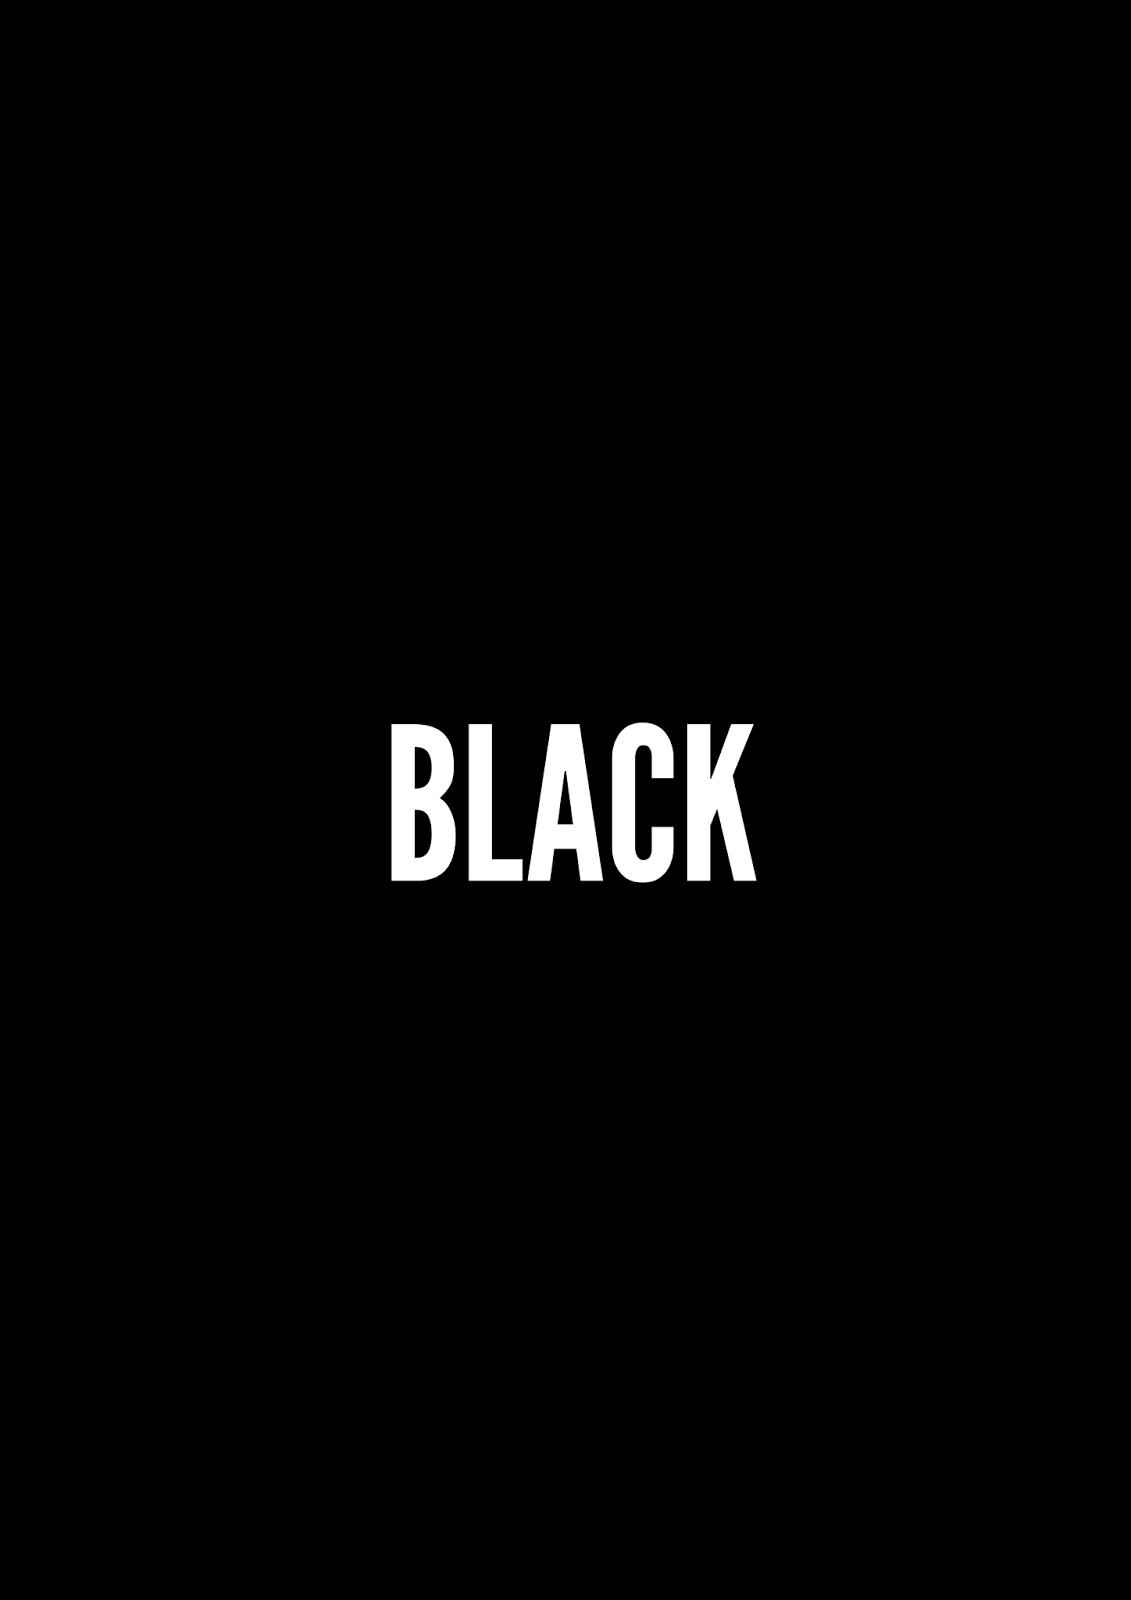 free printable, tavla, tavlor, black and white, svartvitt, svart och vitt, svarta, fri att skriva ut,